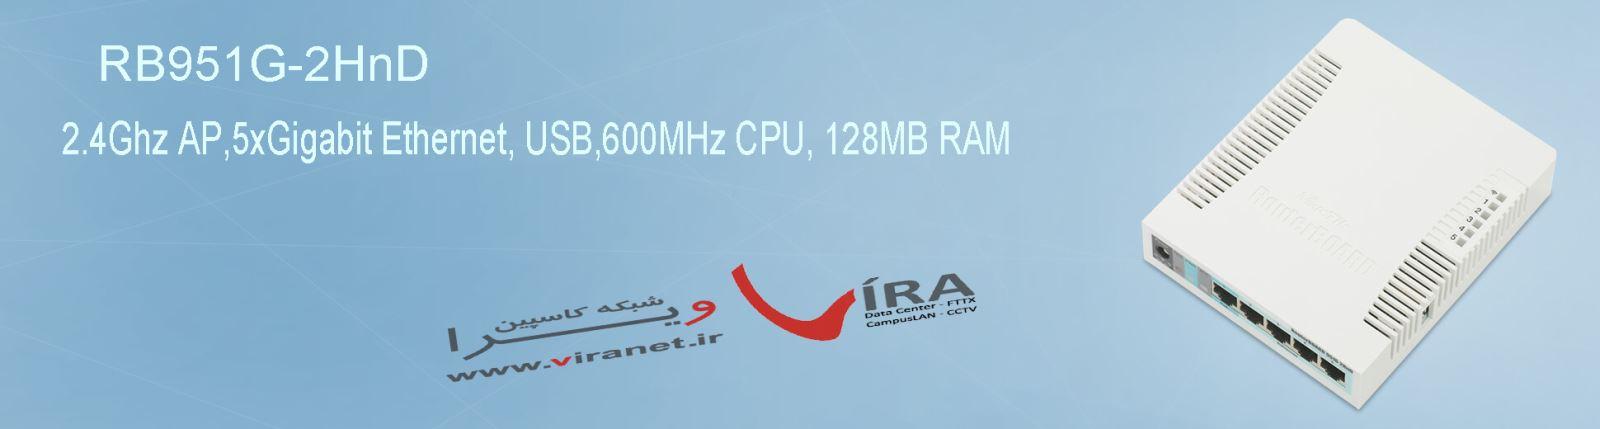 اکسس پوینت میکروتیک RB951G2HnD